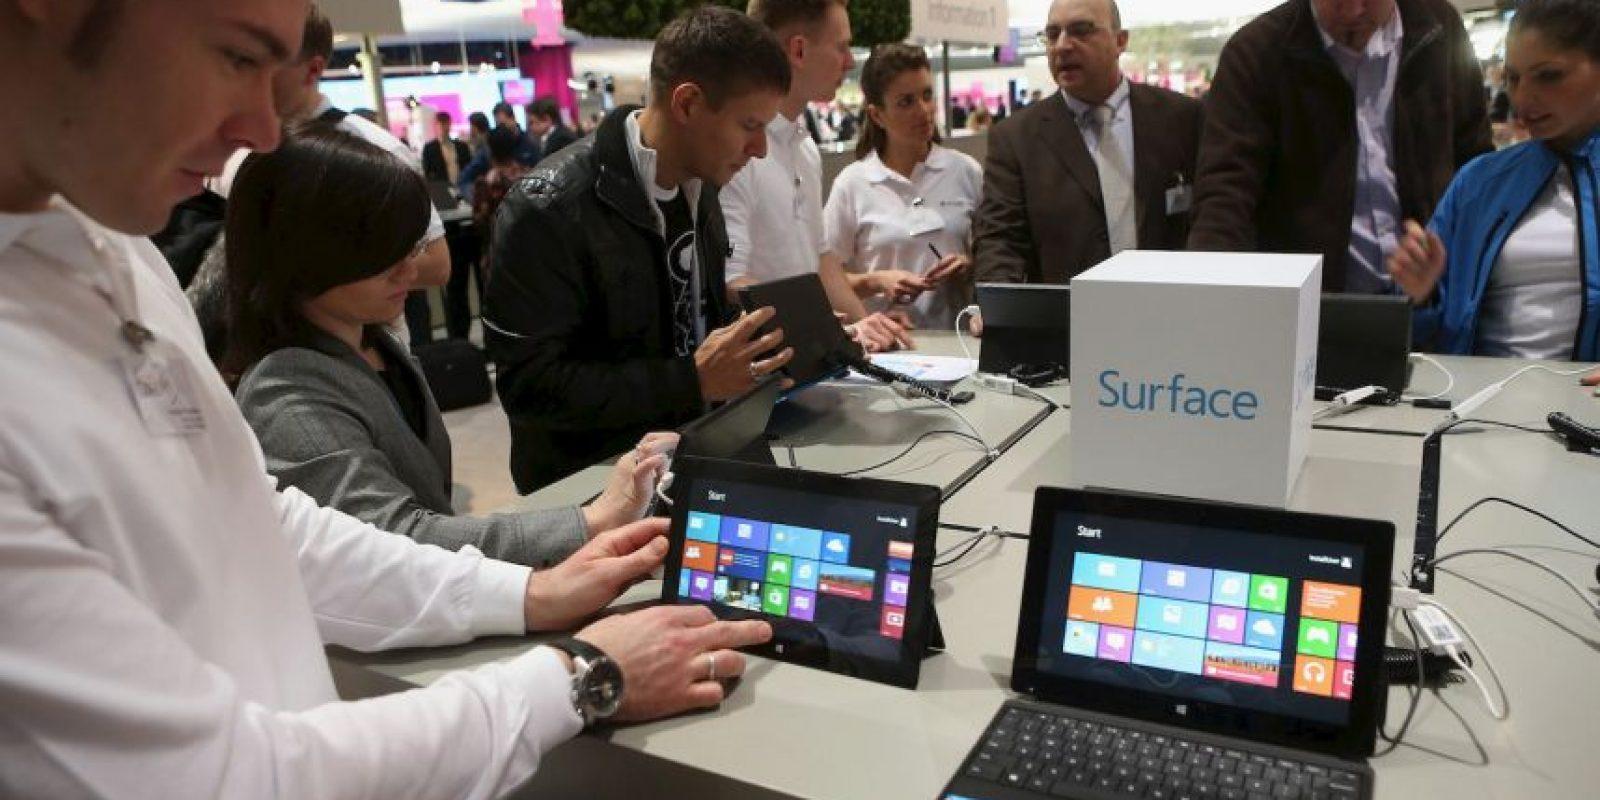 Existen dos modelos: Surface RT con Windows RT y Surface Pro con Windows 8 Pro. unicamente la versión Pro puede utilizar software de terceros. Foto:Getty